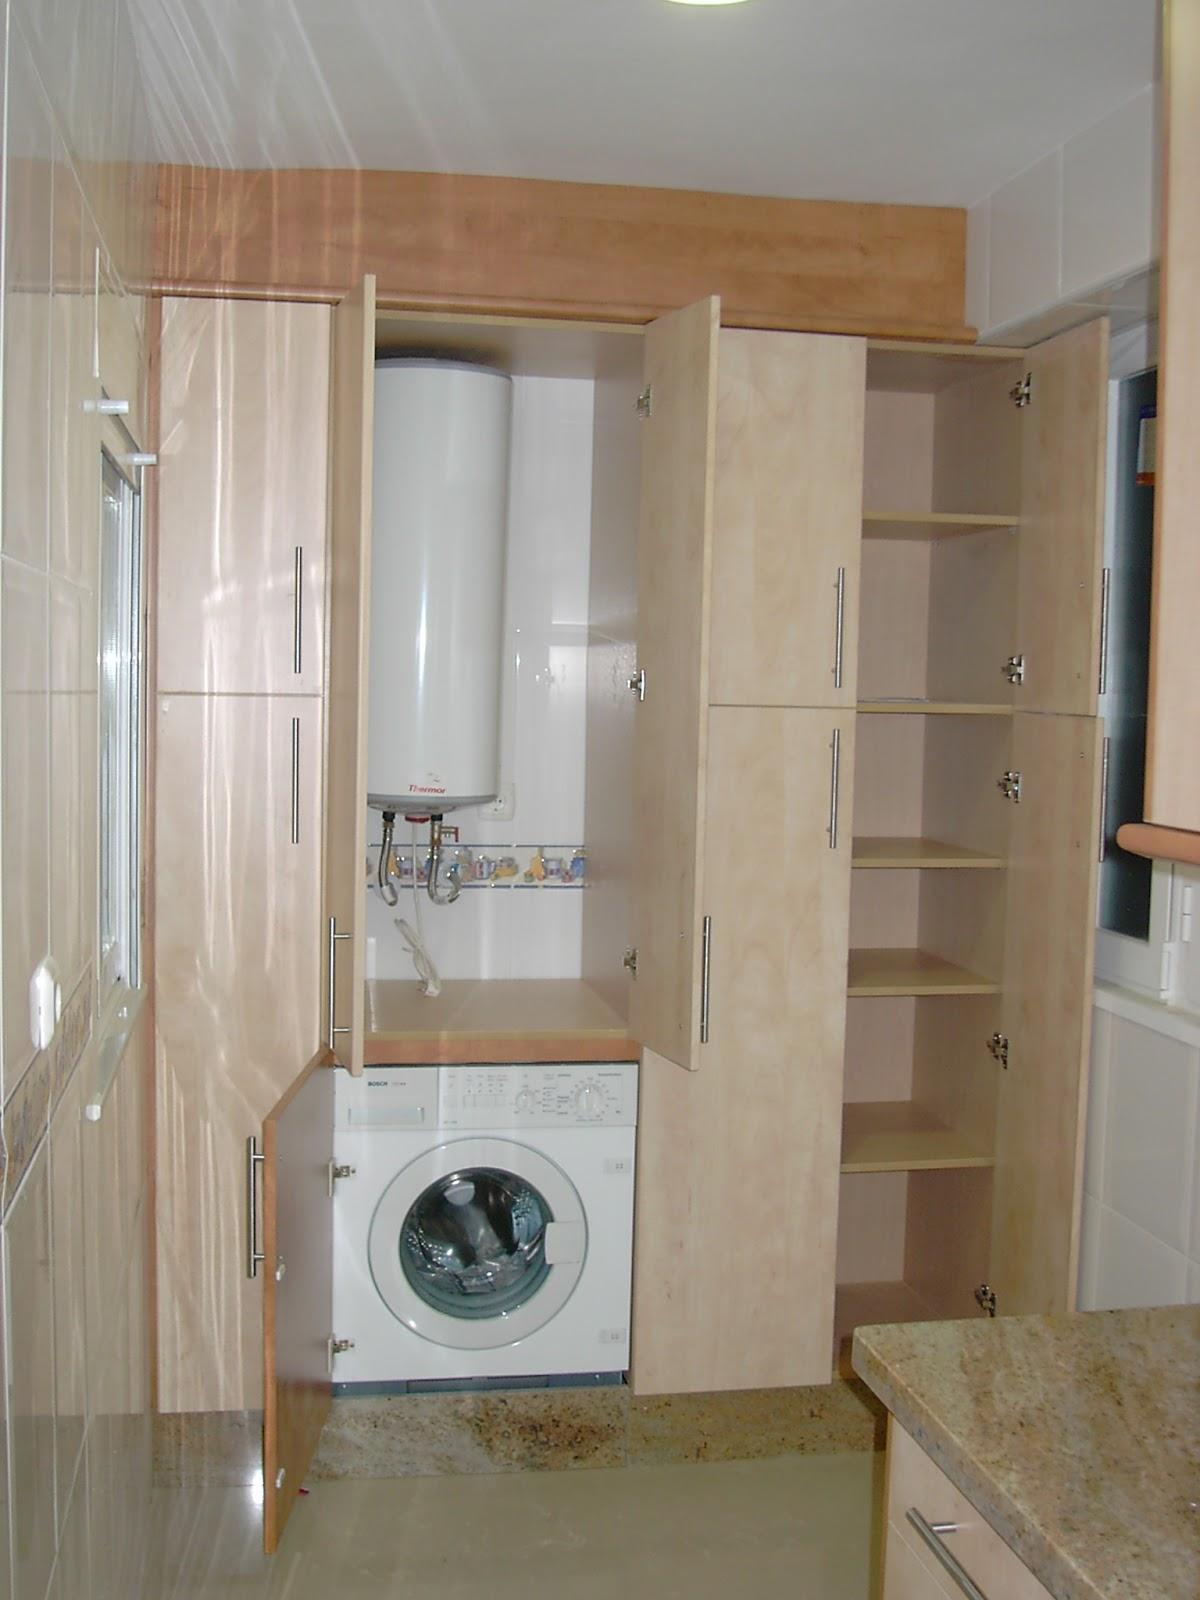 Carpinteria los molinos fotos cocinas - Armario lavadora ...